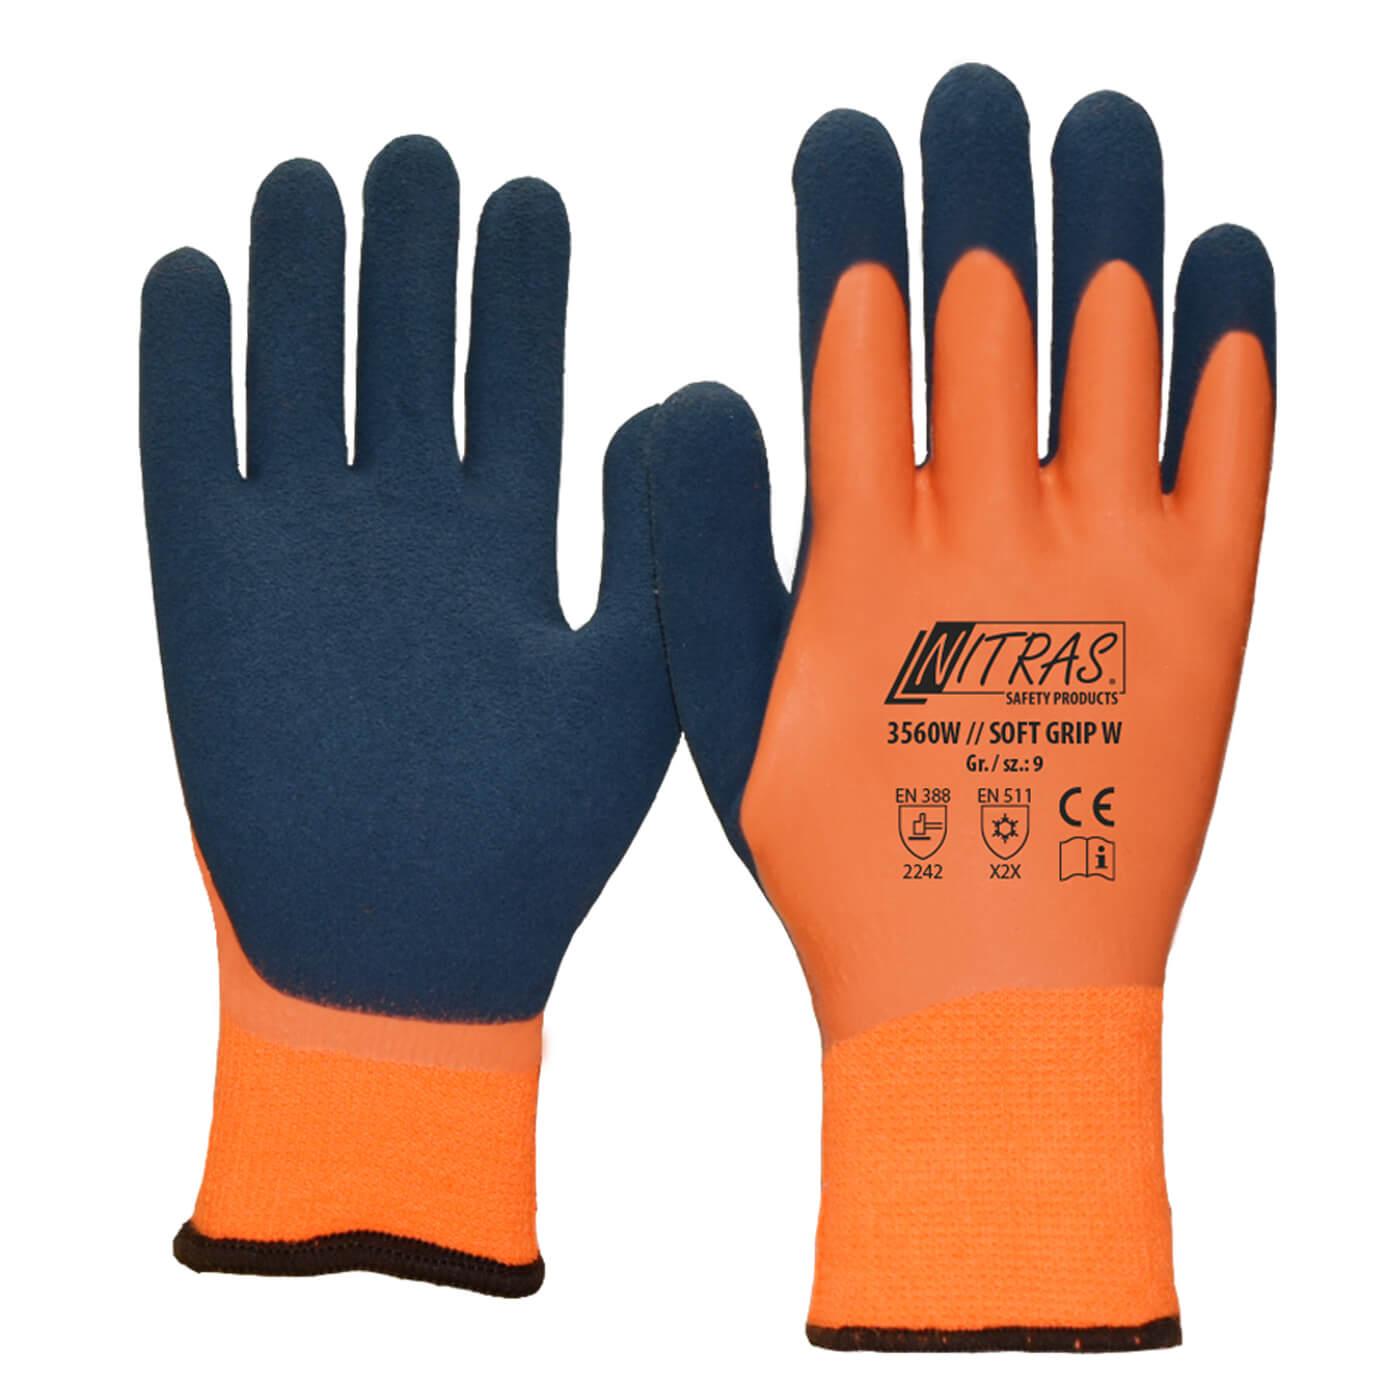 Rękawice zimowe Nitras 3560W/ SOFT GRIP W